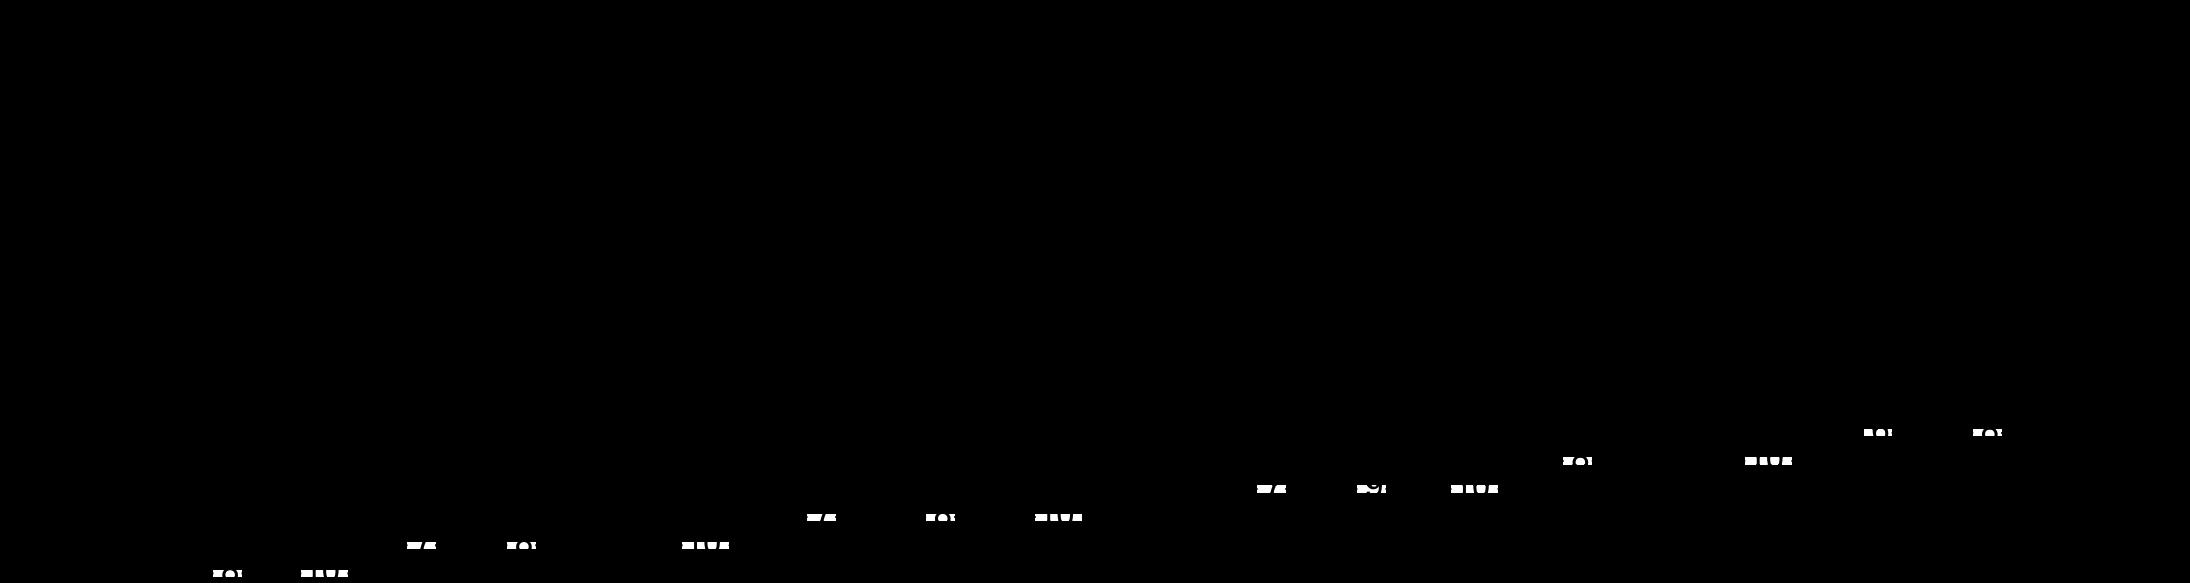 carraher-mixolydian